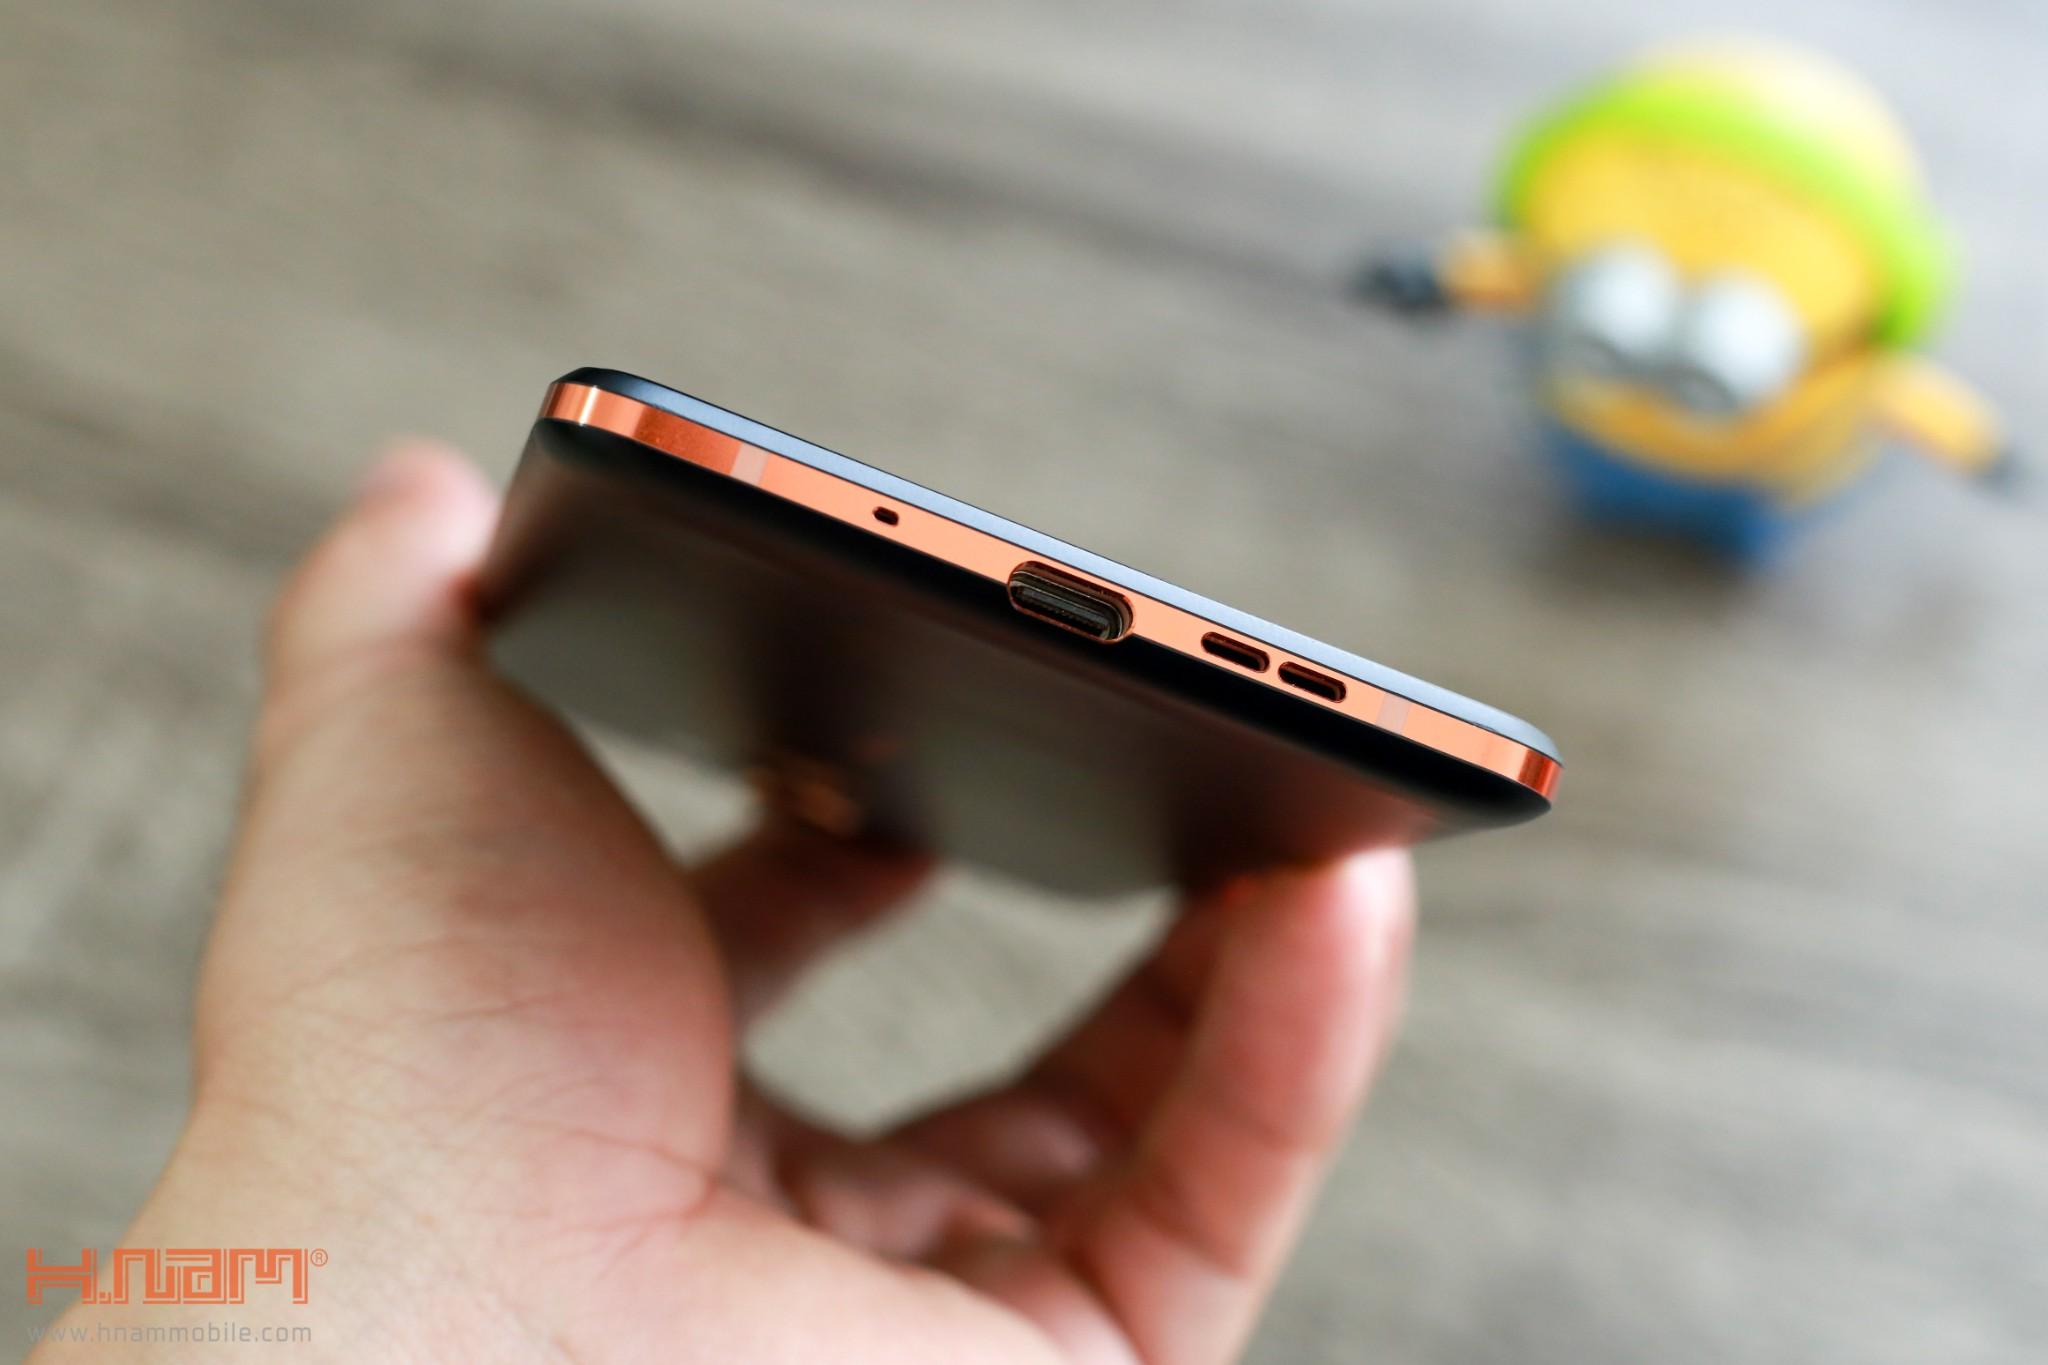 Trên tay Nokia 7 Plus: Smartphone Nokia đầu tiên có màn hình 18:9 hình 10